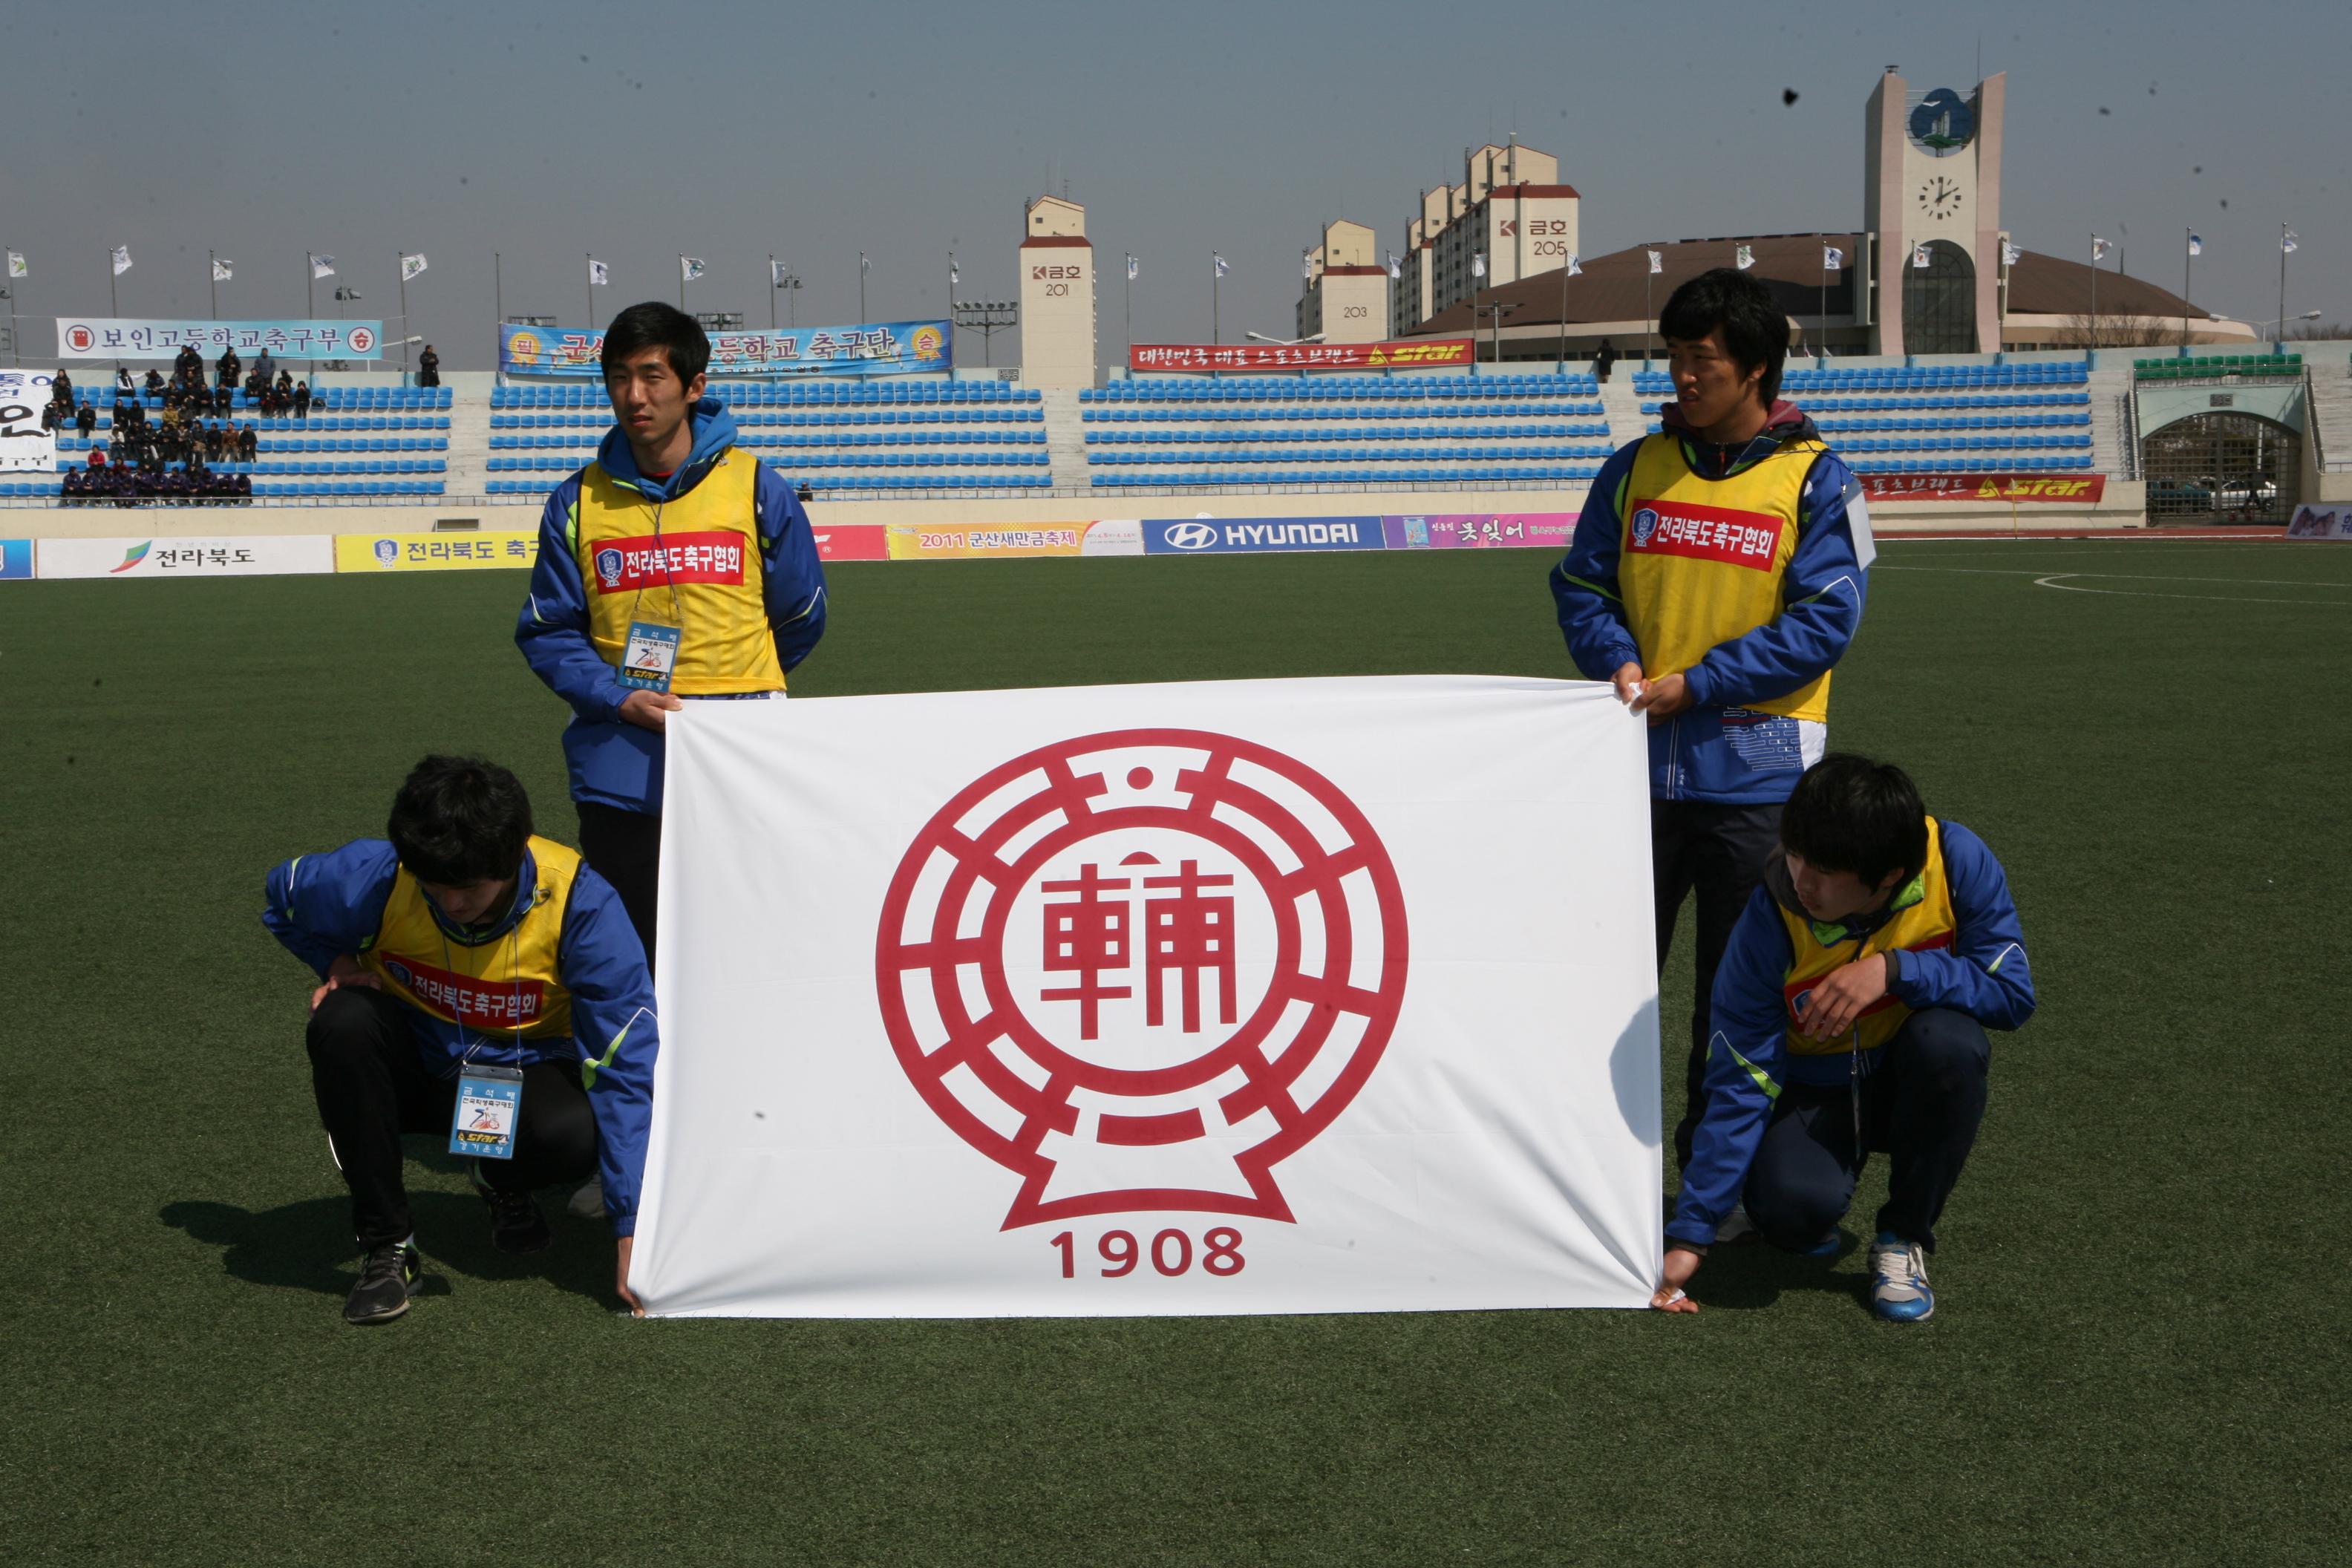 2011 금석배 전국고교축구대회 우승 첨부이미지